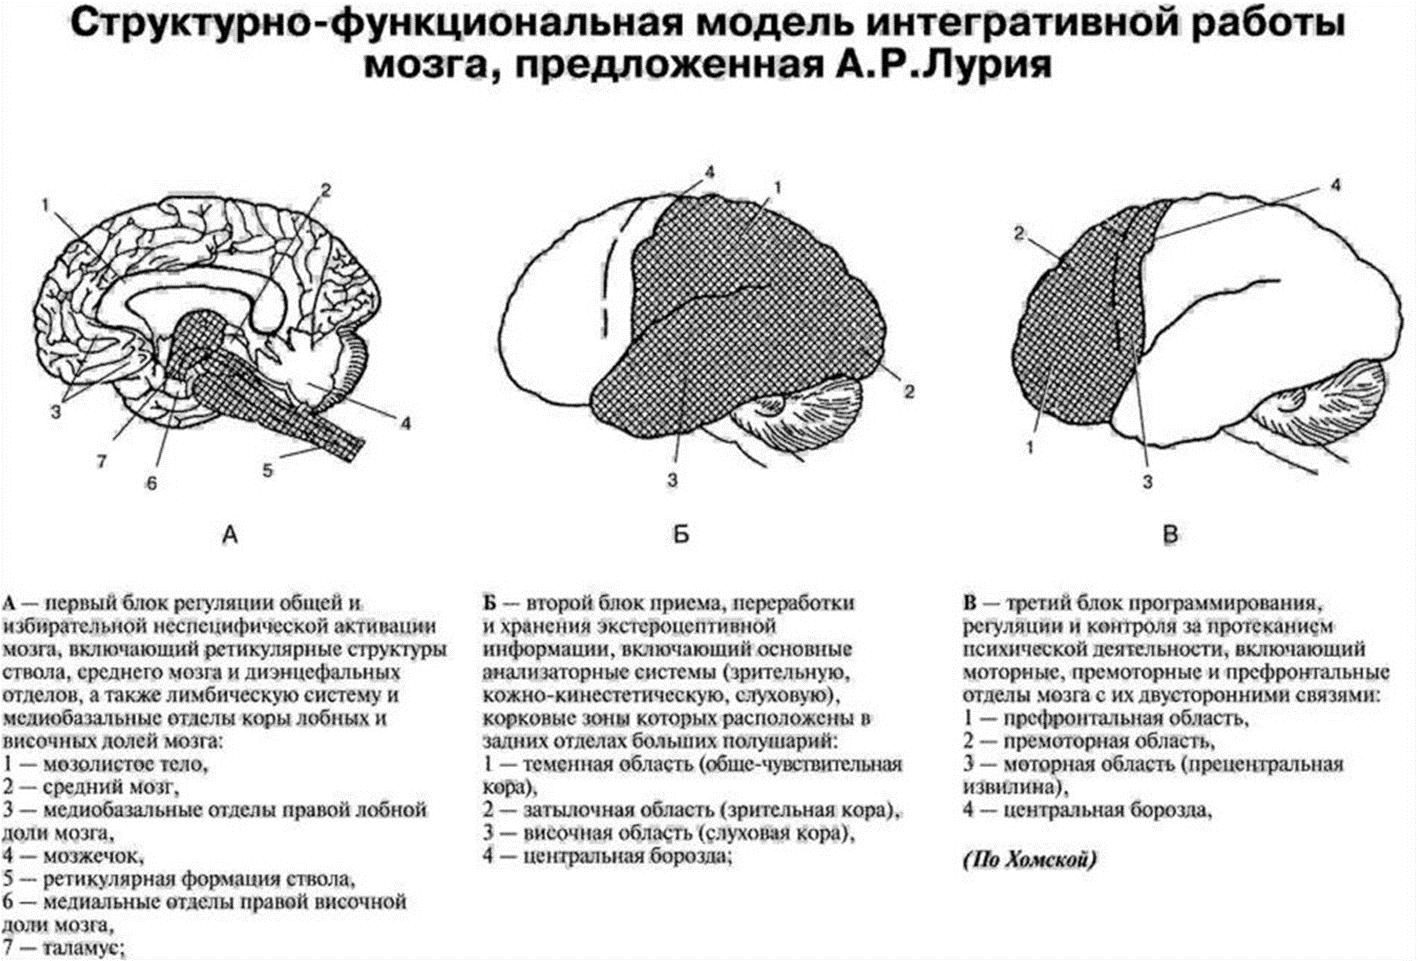 Теории и модели работы мозга работа в италии моделью